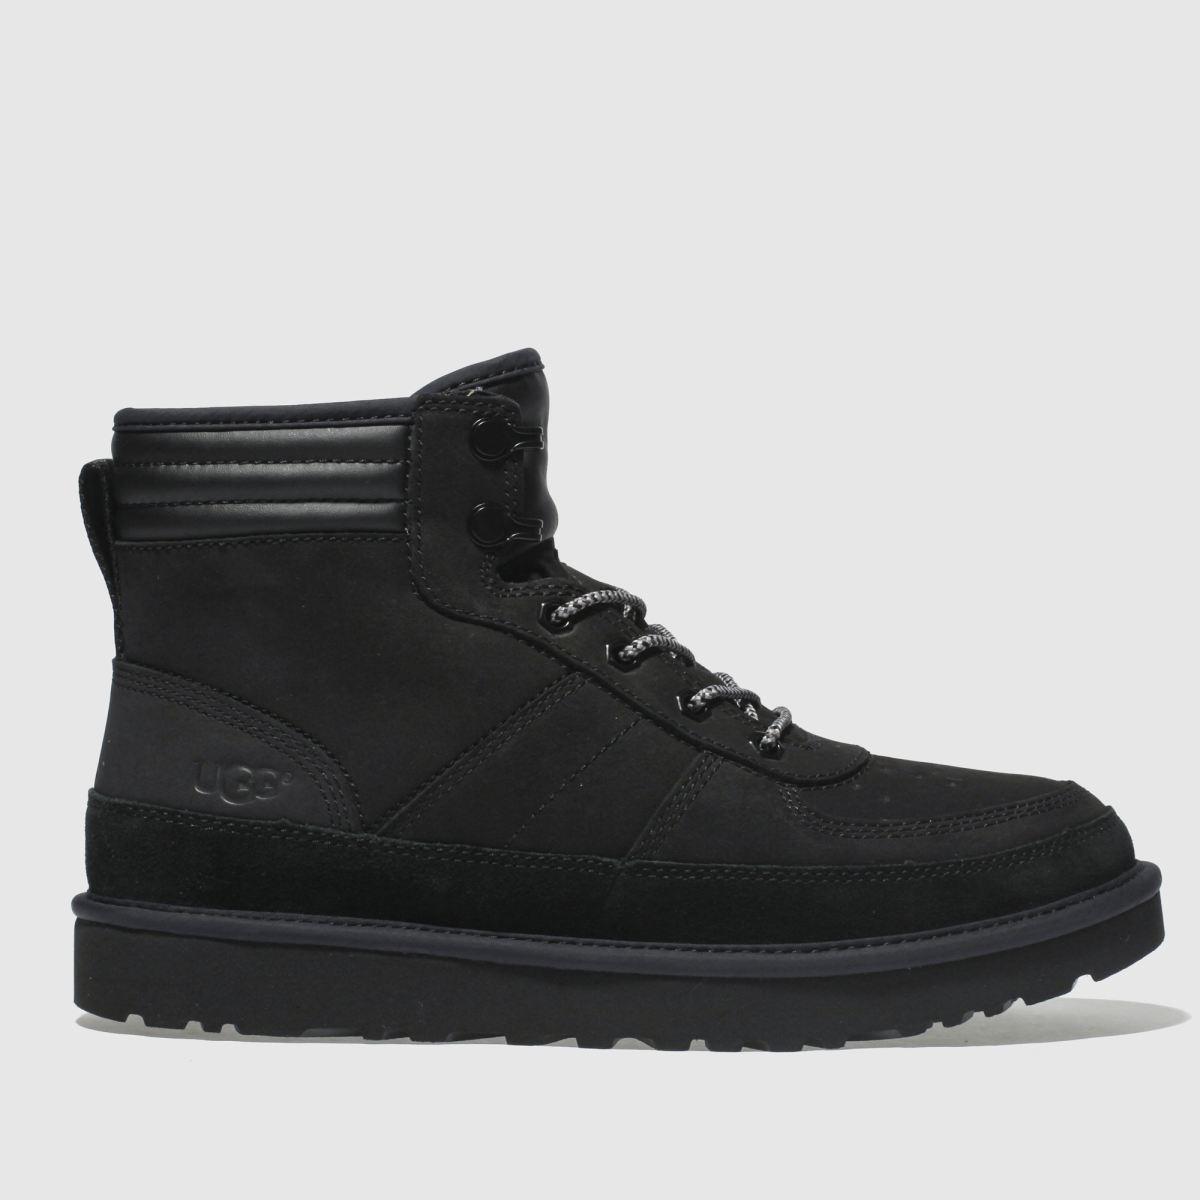 Ugg Black Highland Sport Boots